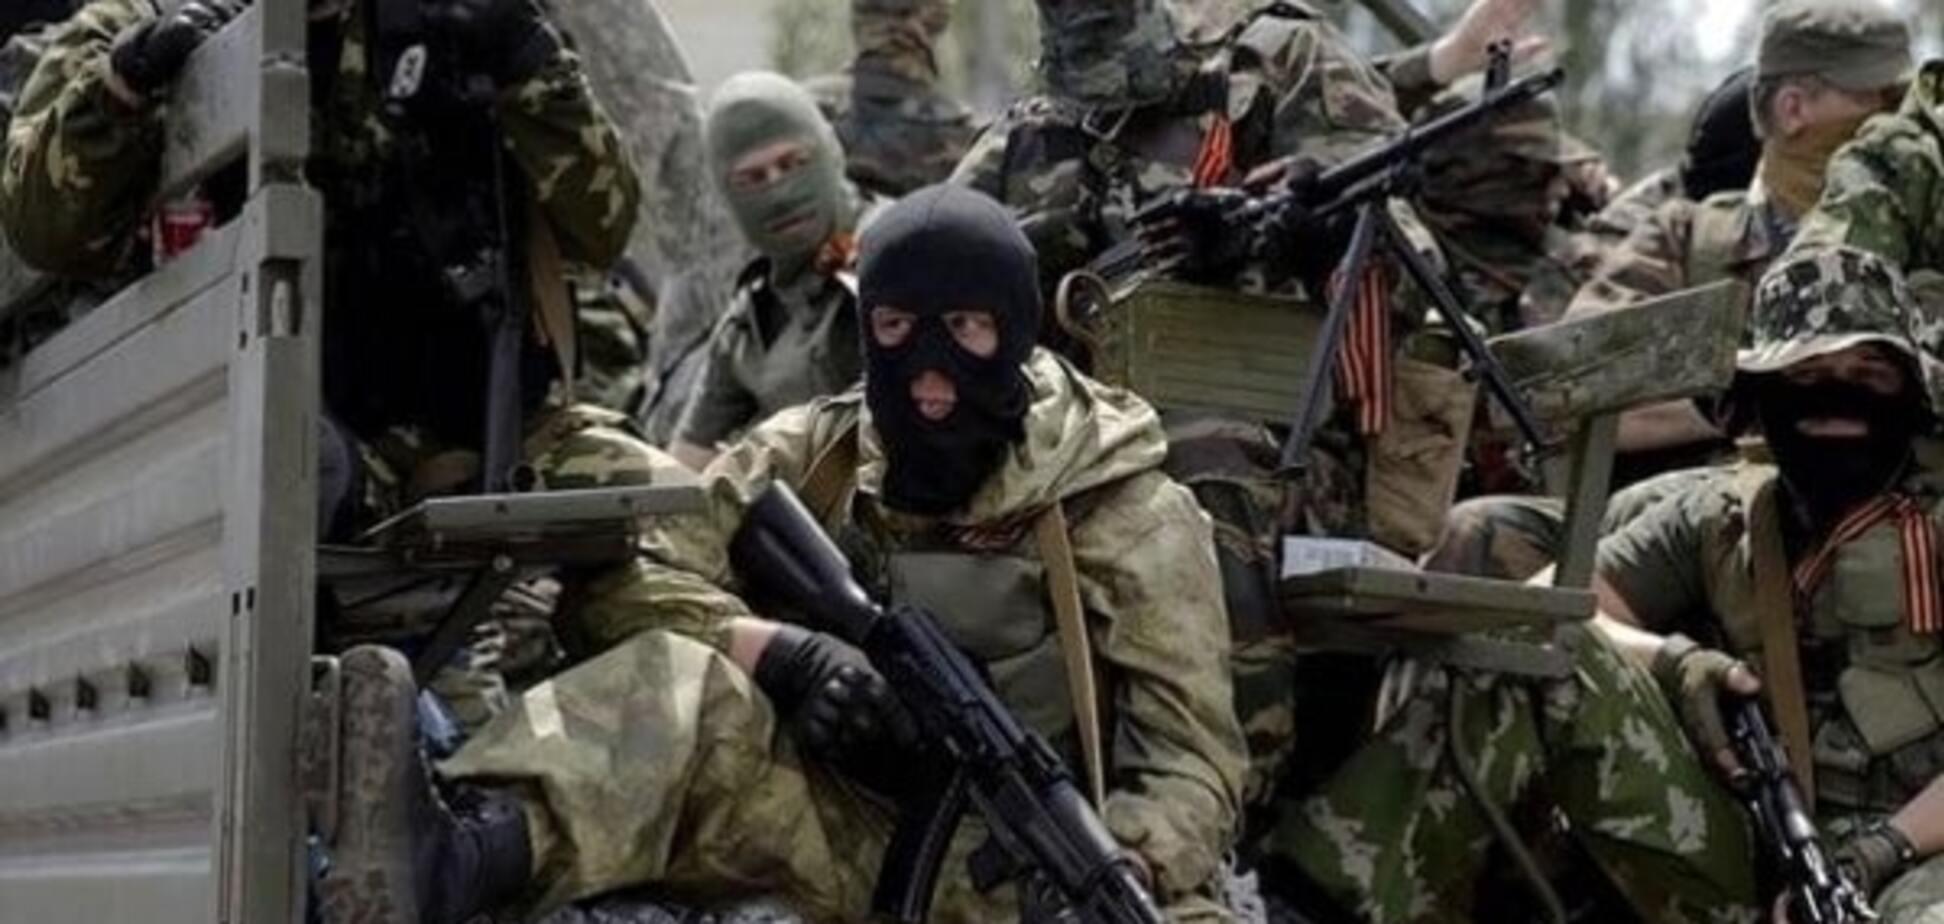 Близько 40 тисяч терористів 'ДНР' і 'ЛНР' проходять перепідготовку в Росії - екс-заступник секретаря РНБО